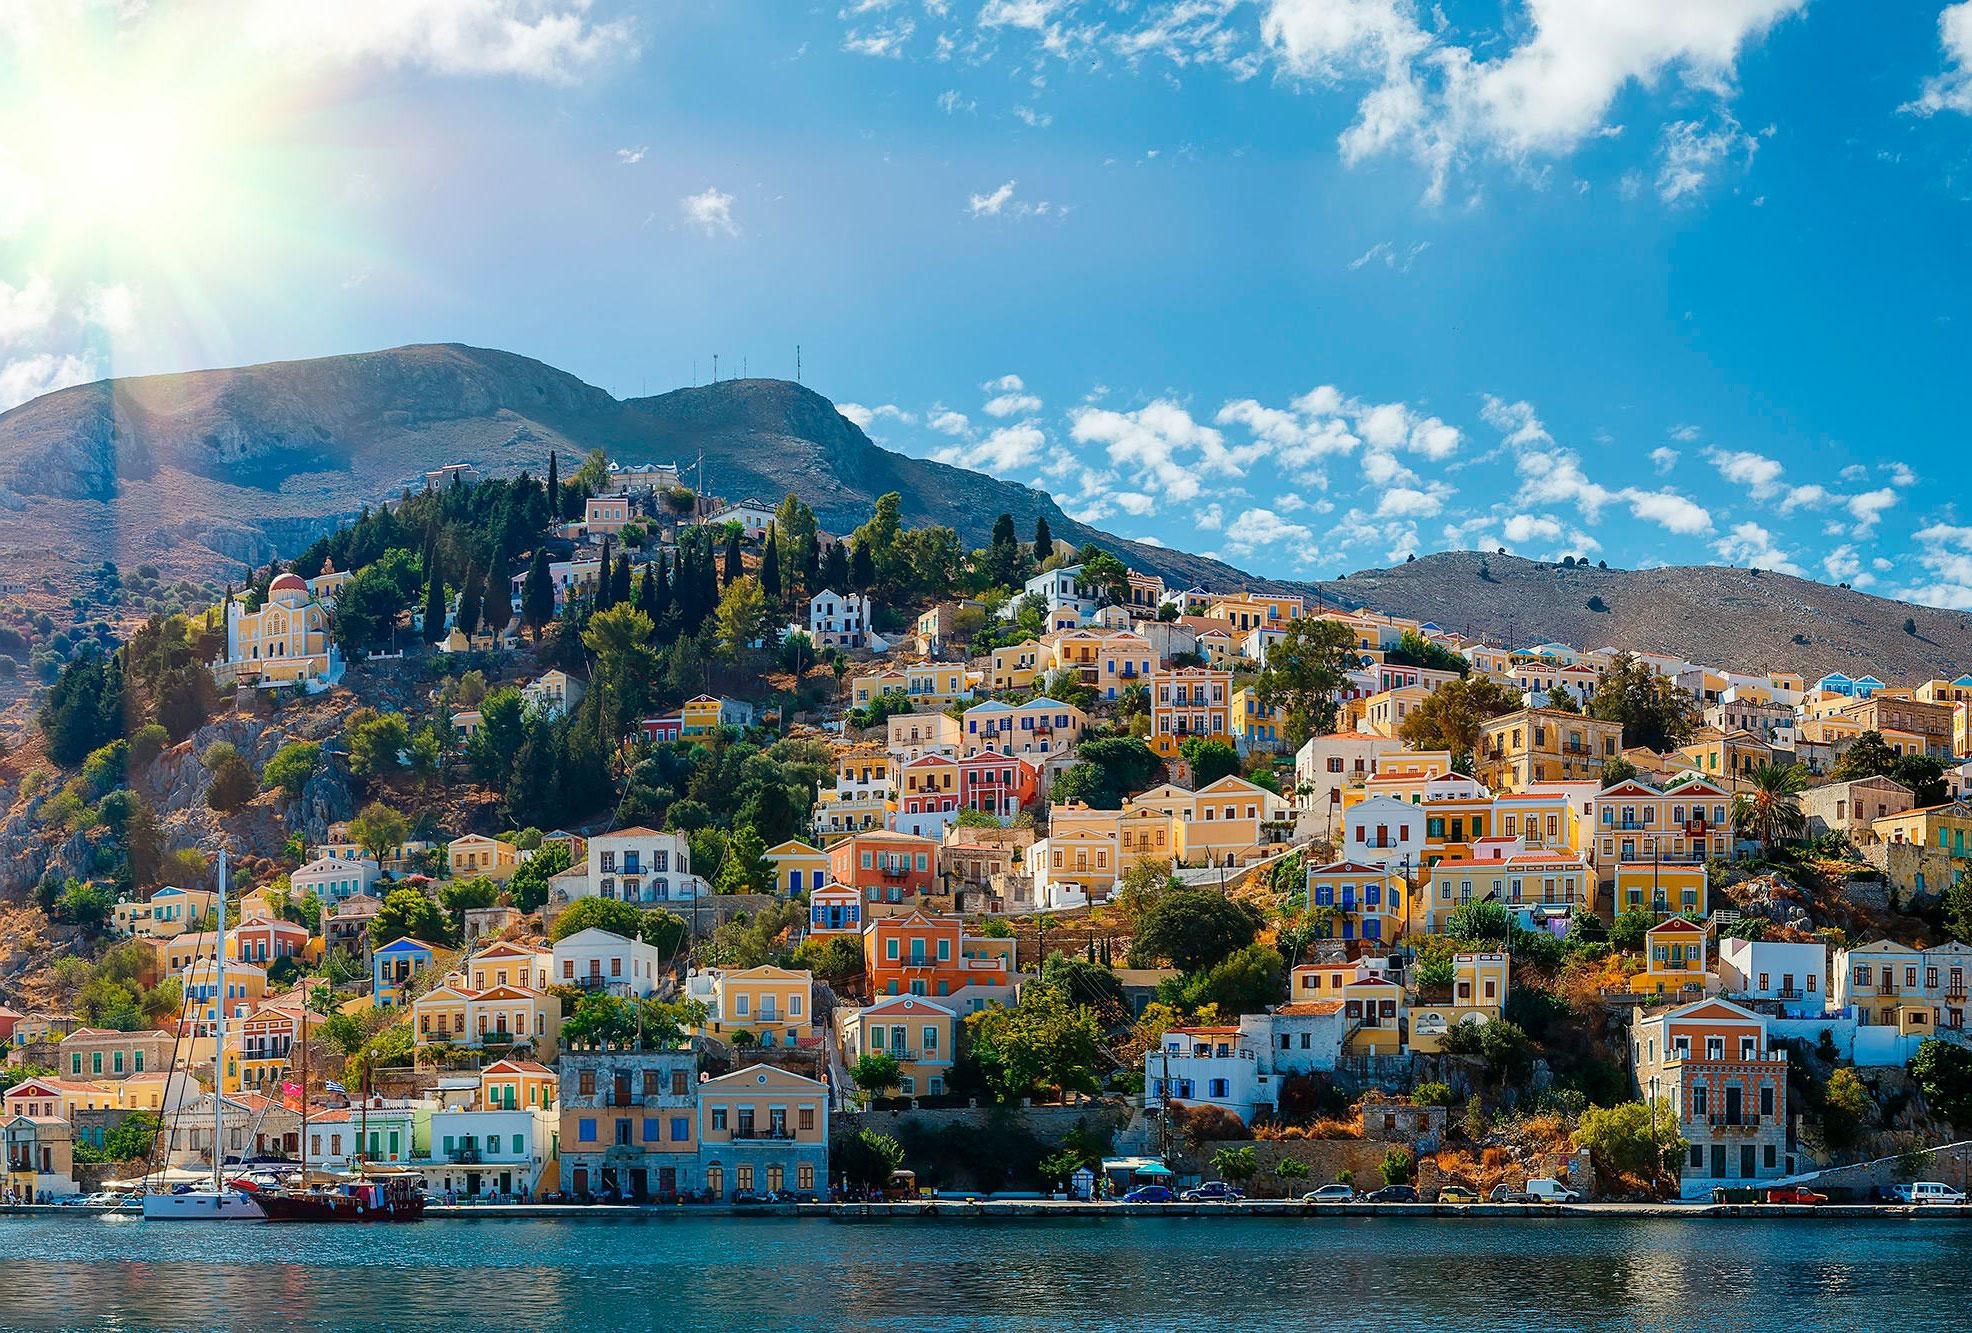 греческий остров Сими – без визы в 2021 году